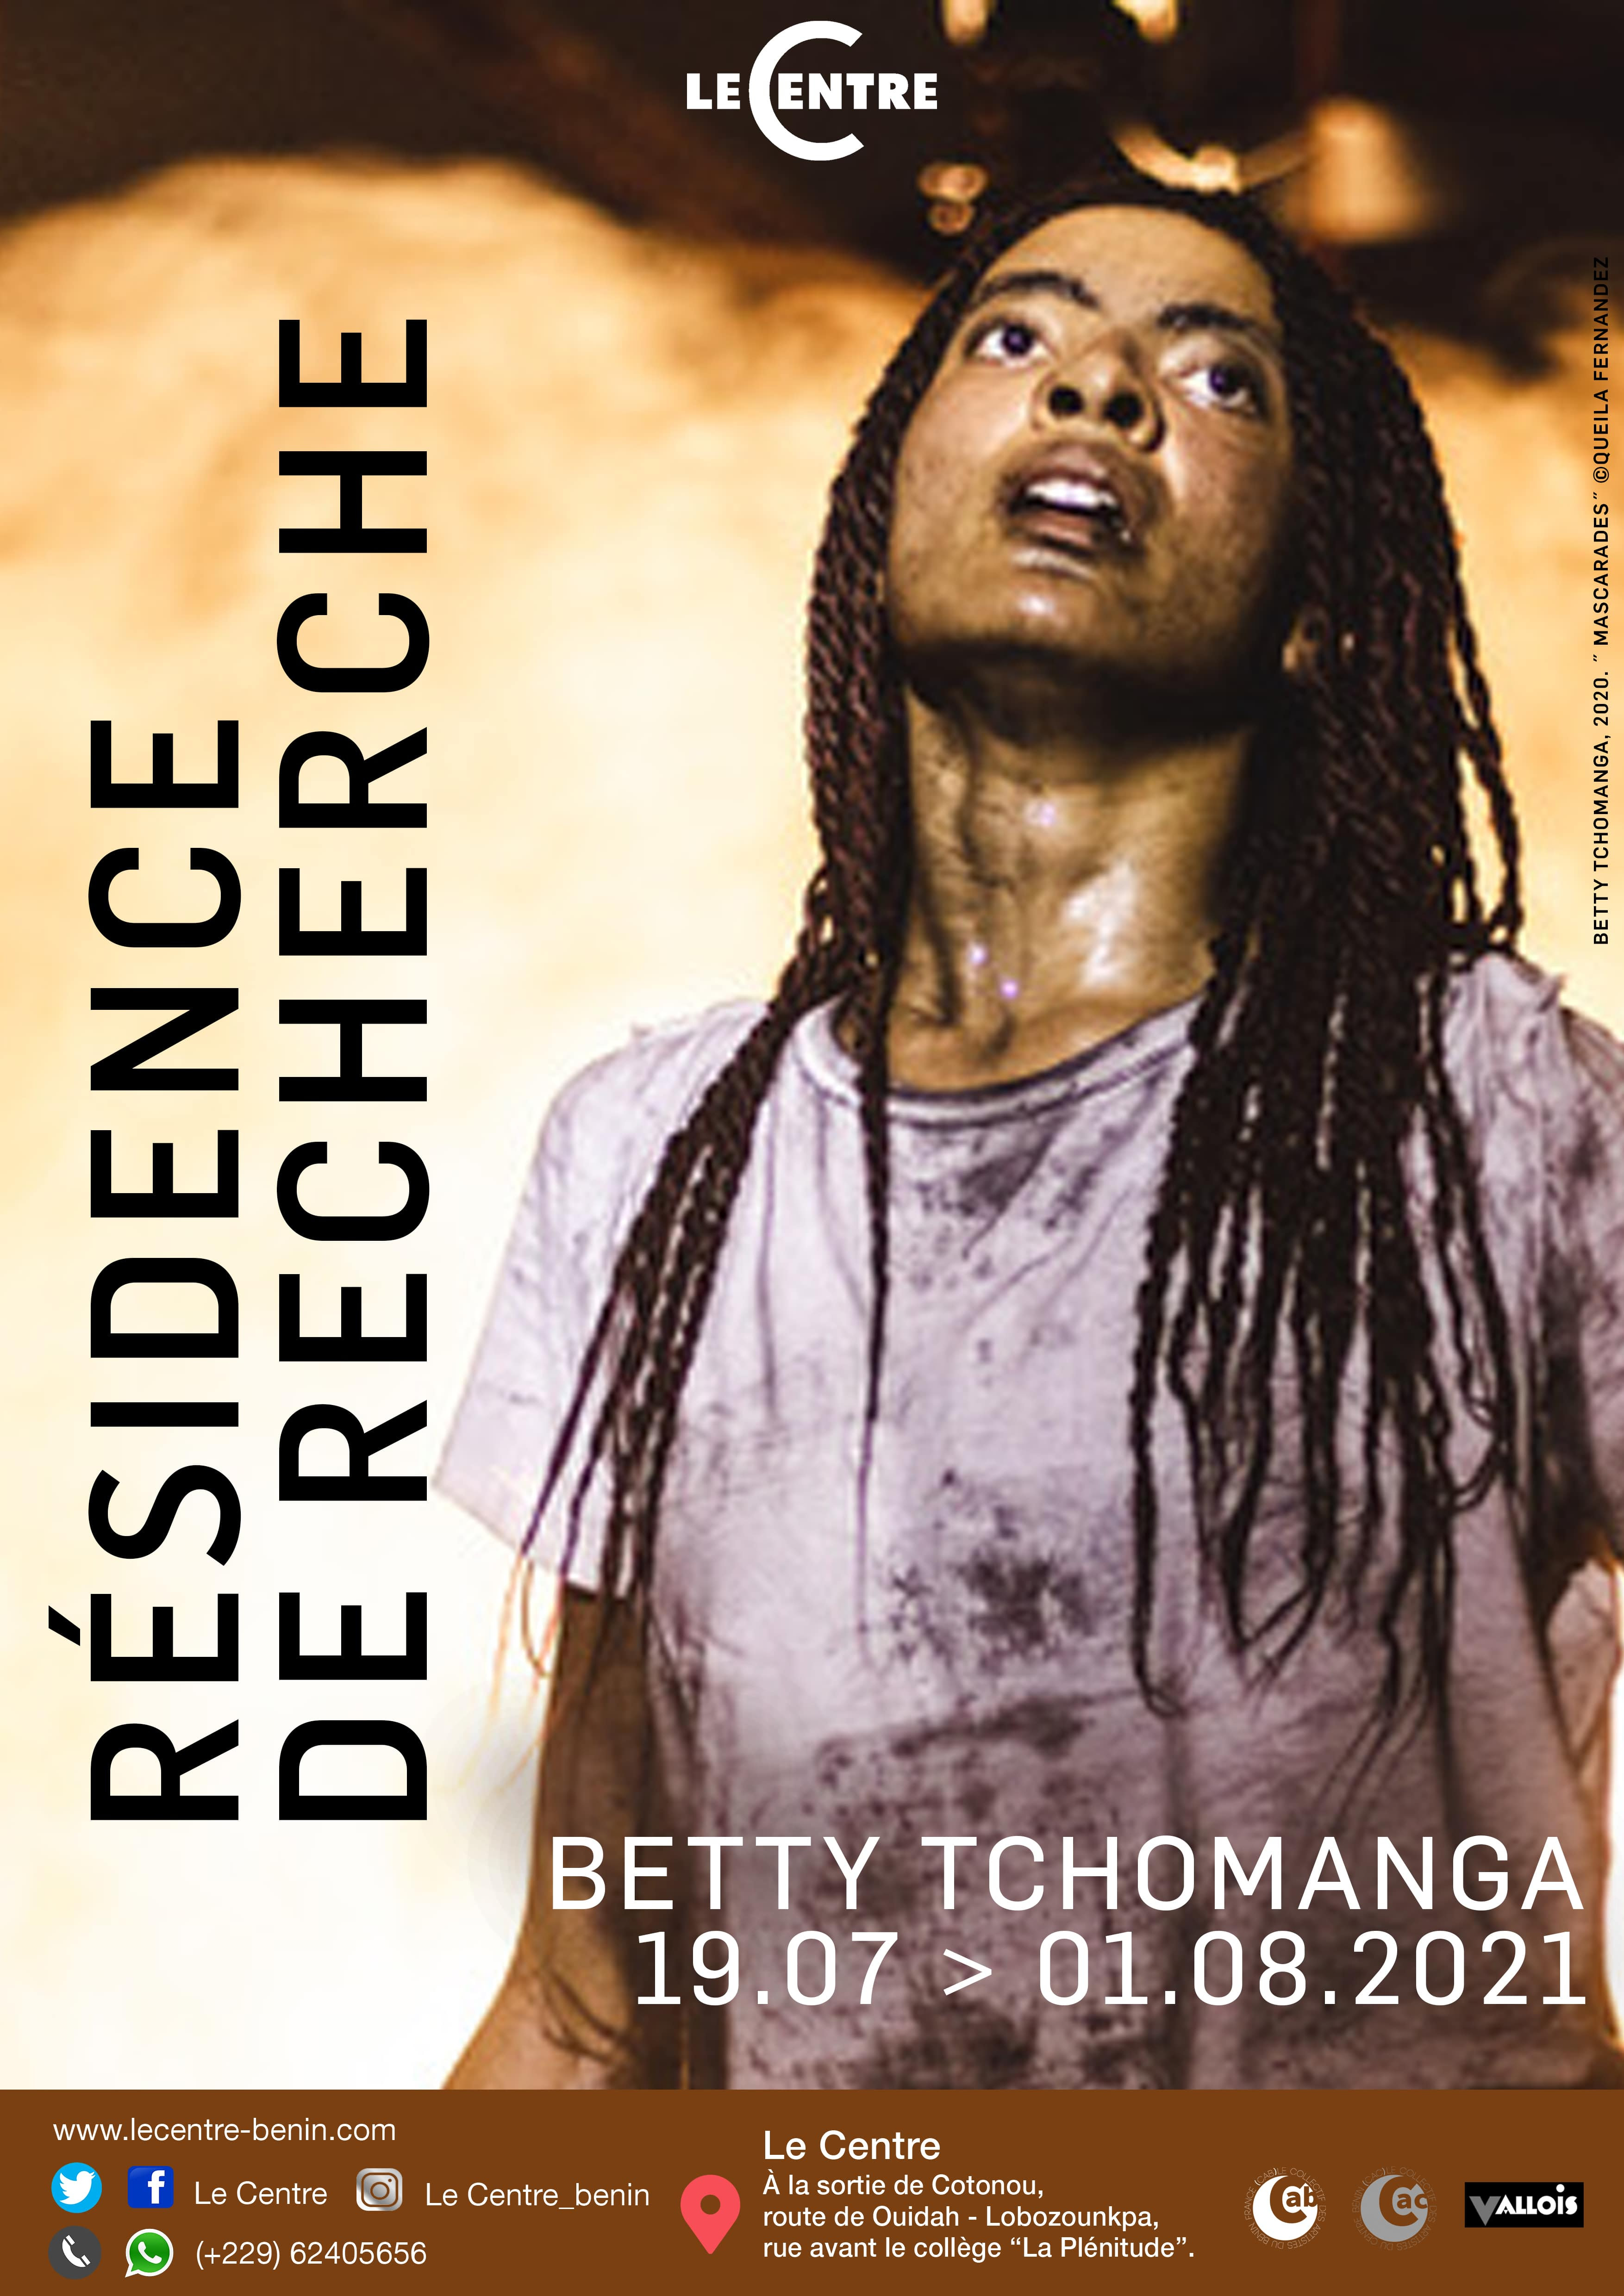 Betty Tchomanga